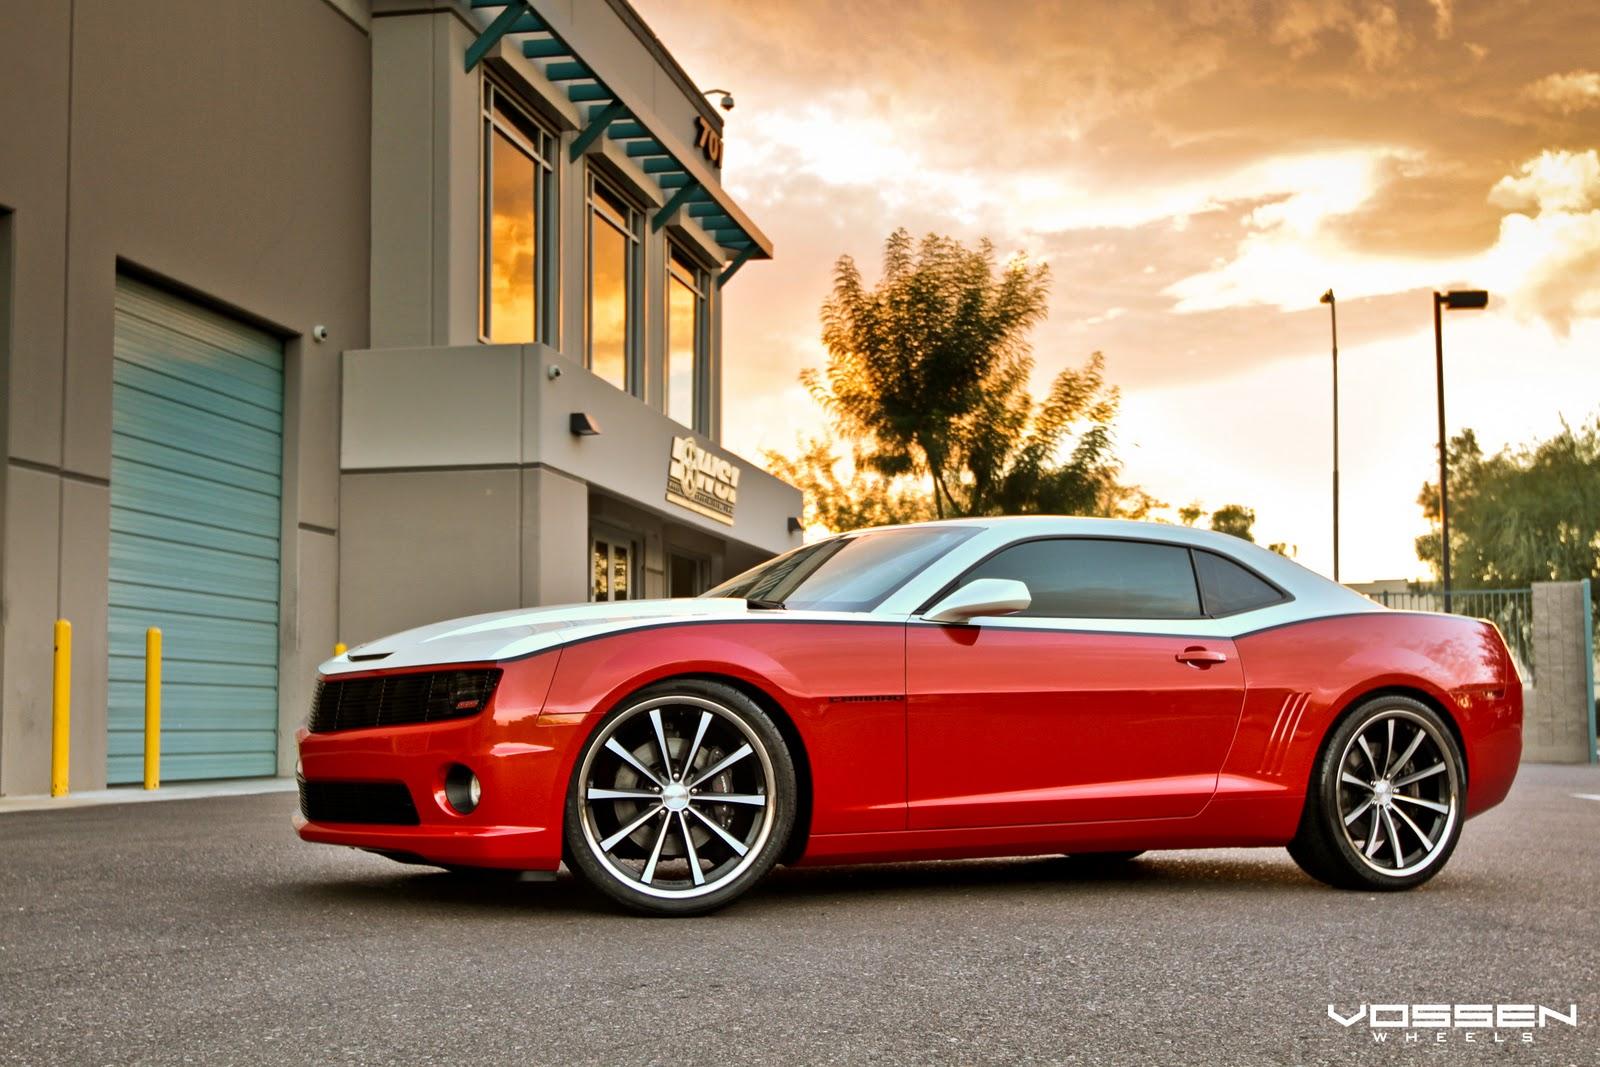 http://1.bp.blogspot.com/_v5h2qxDB1io/TTv48YdIjAI/AAAAAAAABgw/yRNqJb6m1wo/s1600/Chevrolet%2BCamaro%2BSS.jpg